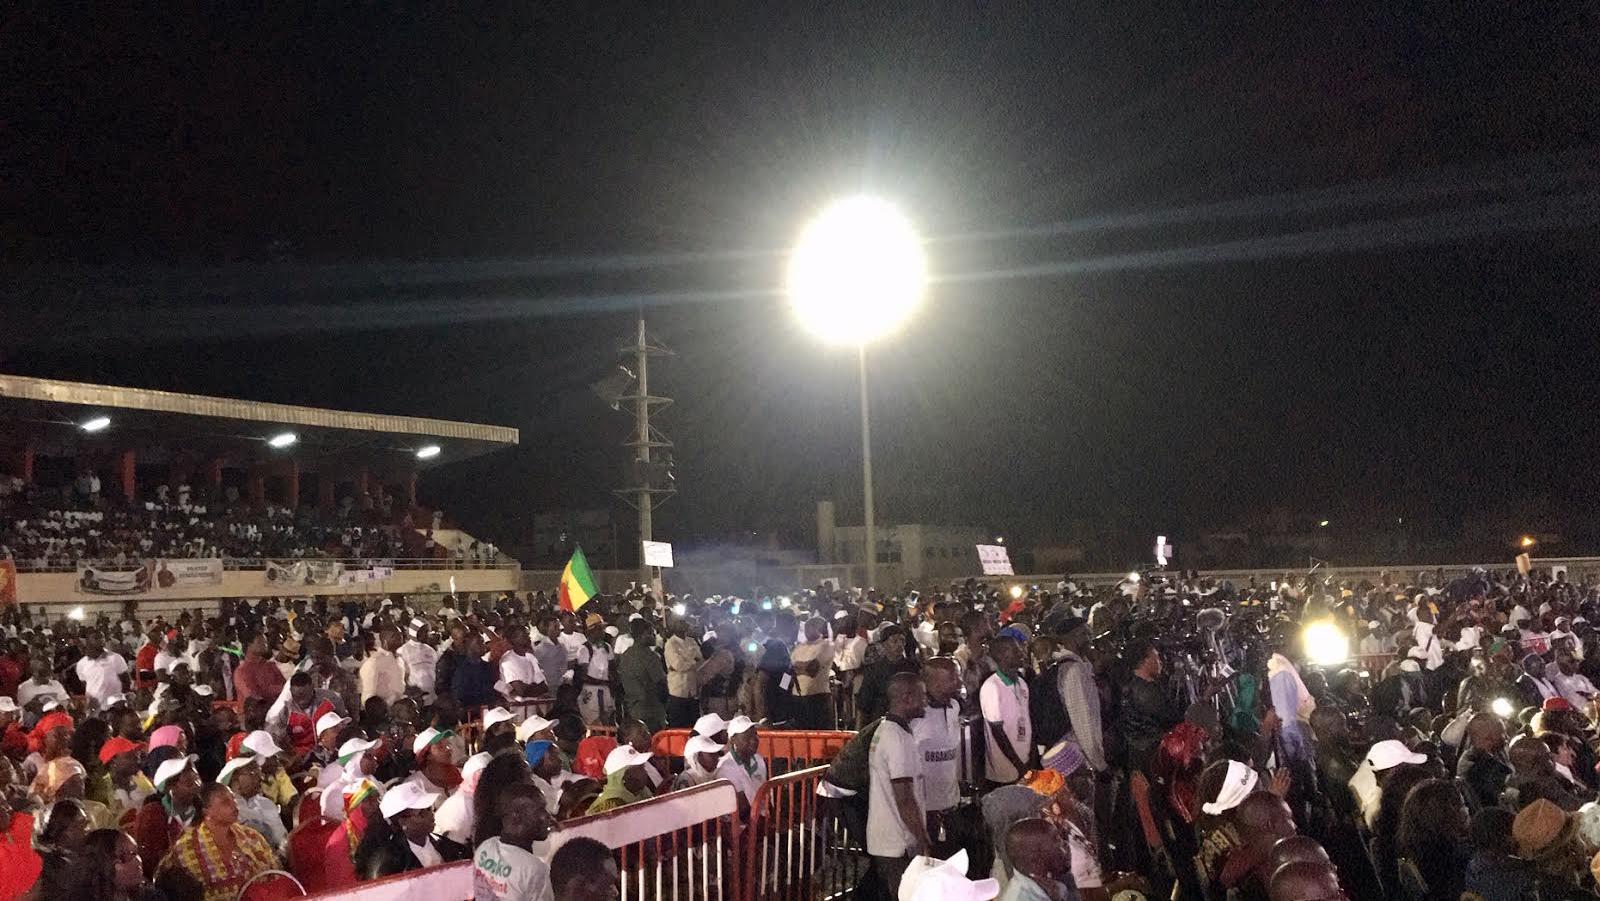 Mobilisation assurée pour Ousmane Sonko à Pikine ! (IMAGES)